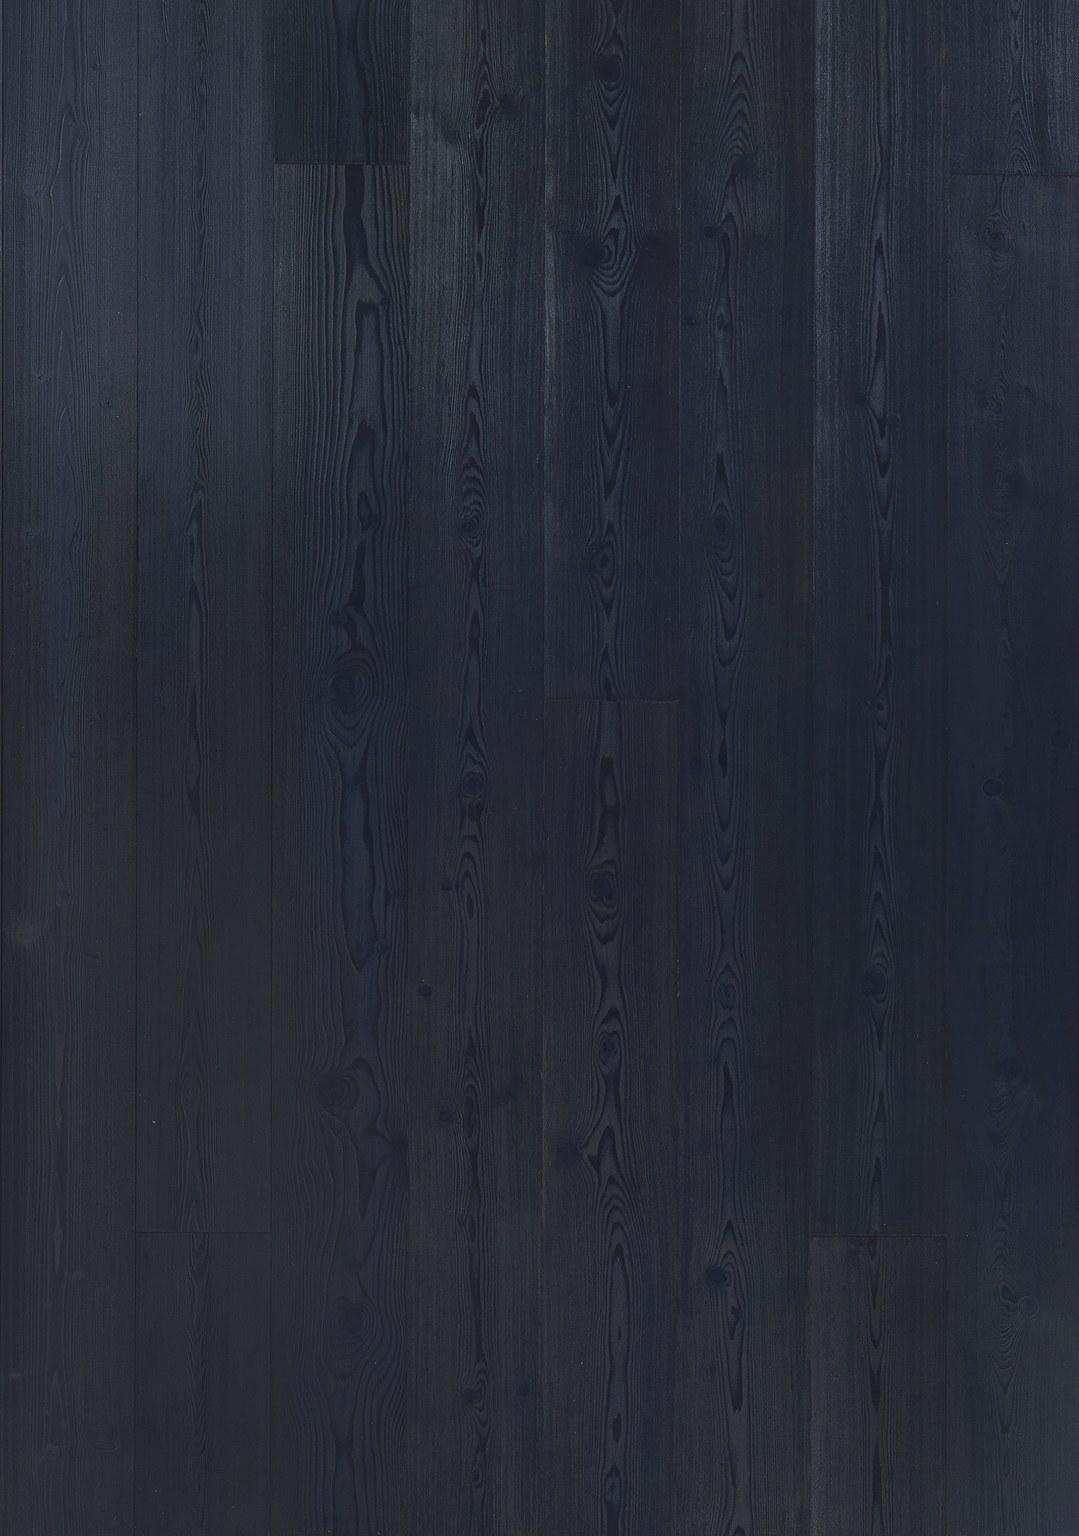 Timberwise Parketti Lankkuparketti Puulattia Wooden Floor Parquet Plank Lehtikuusi Natural Blueberry 2D1